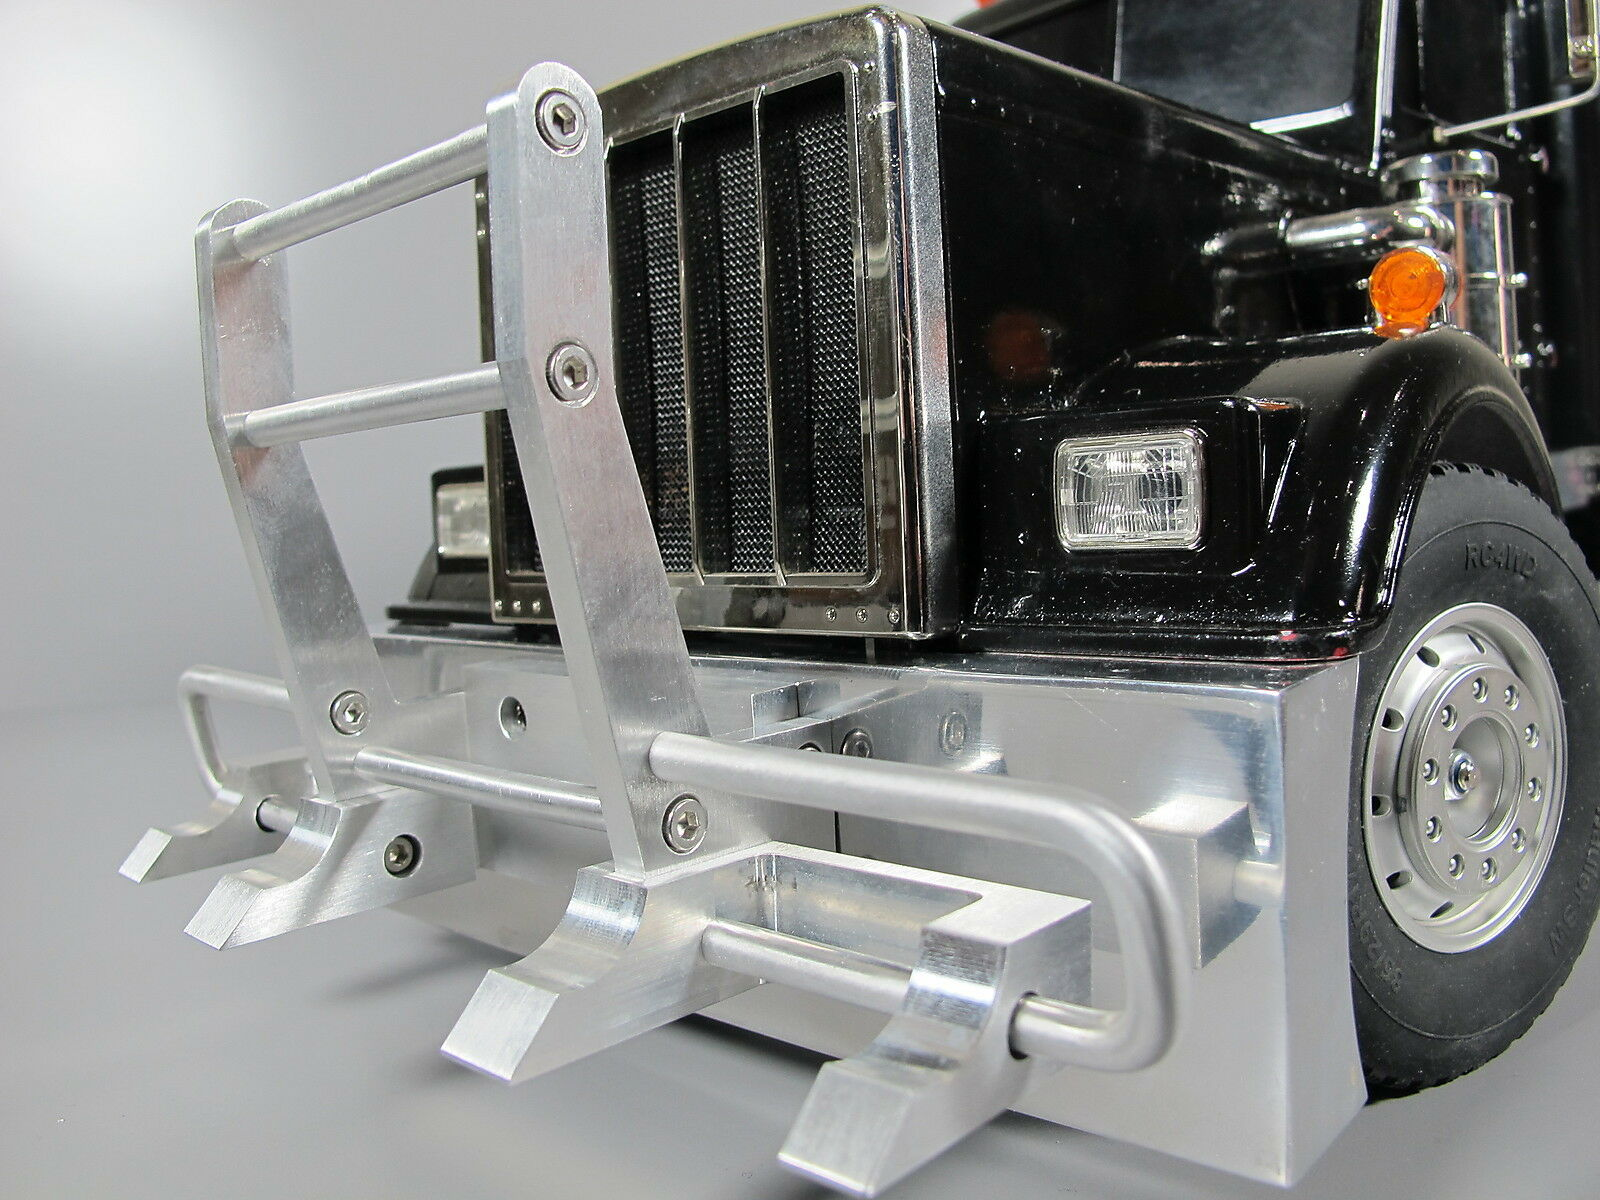 Gancho De Aluminio Estilo Grueso parachoques Combo Tamiya Rc 1 14 Rey Transportador Semi Tractor